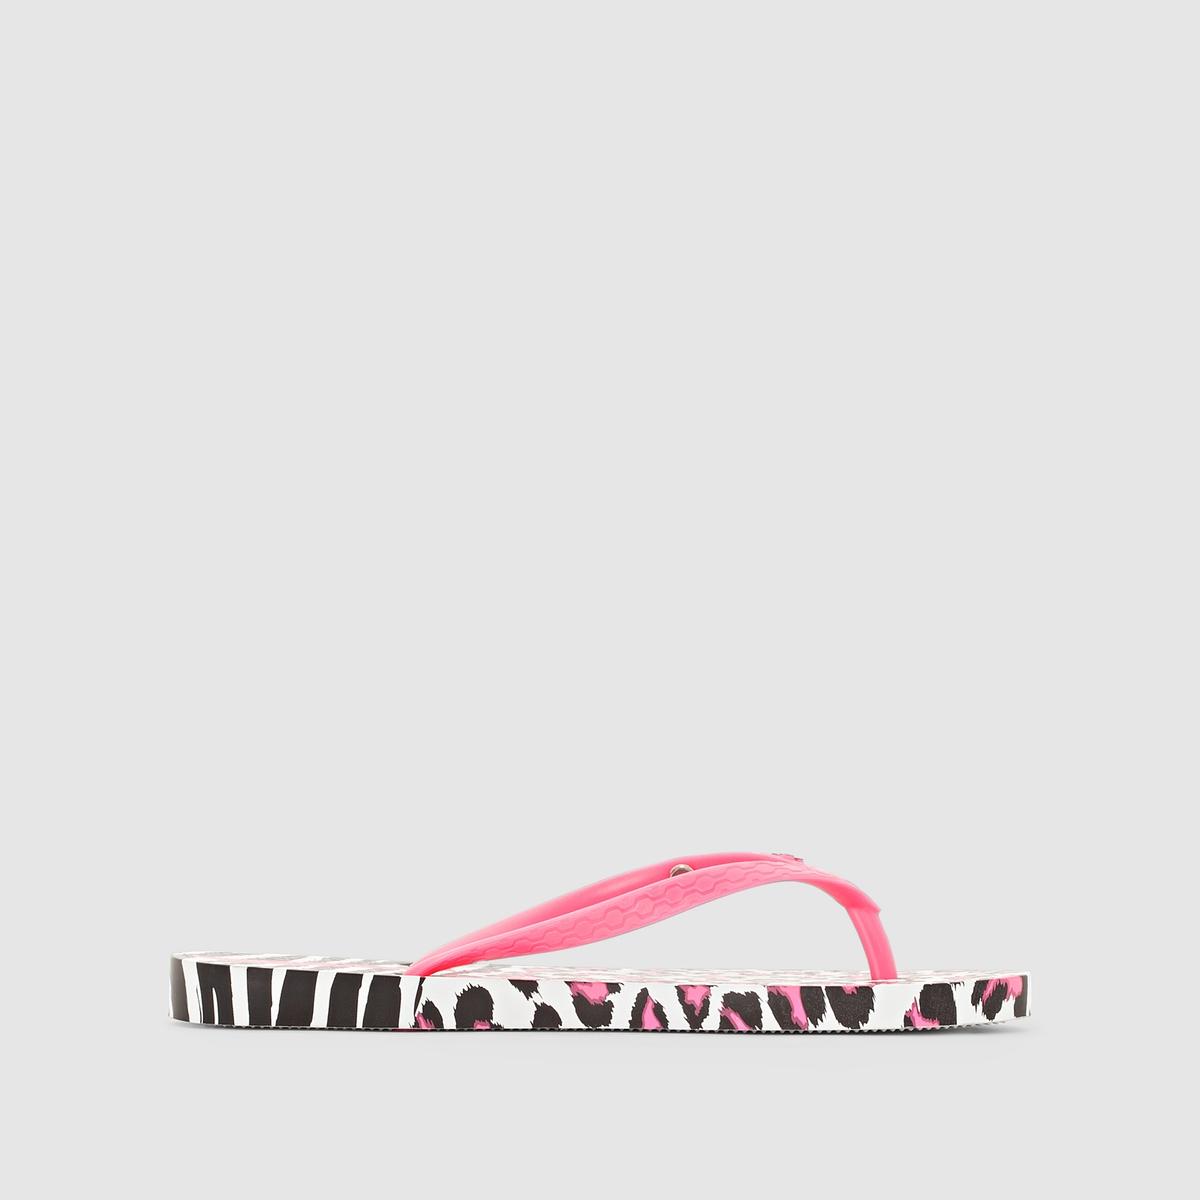 Вьетнамки Animal Print II FemВерх/Голенище : каучук   Стелька : каучук   Подошва : каучук   Форма каблука : плоский каблук   Мысок : открытый мысок   Застежка : без застежки<br><br>Цвет: рисунок леопард/розовый<br>Размер: 38.35/36